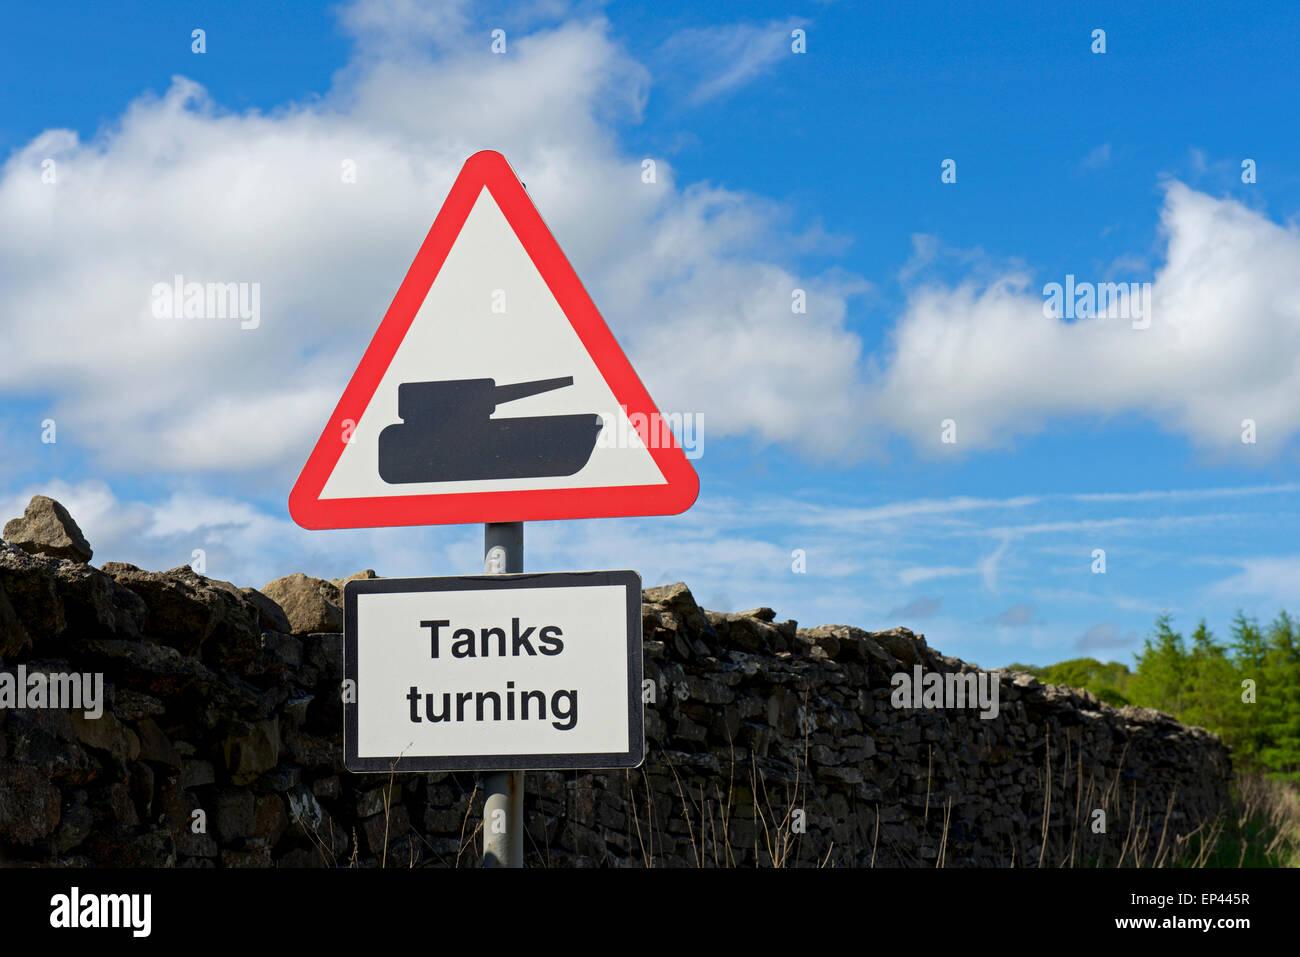 Road sign, Tanks Turning, near MoD land, North Yorkshire, England UK - Stock Image